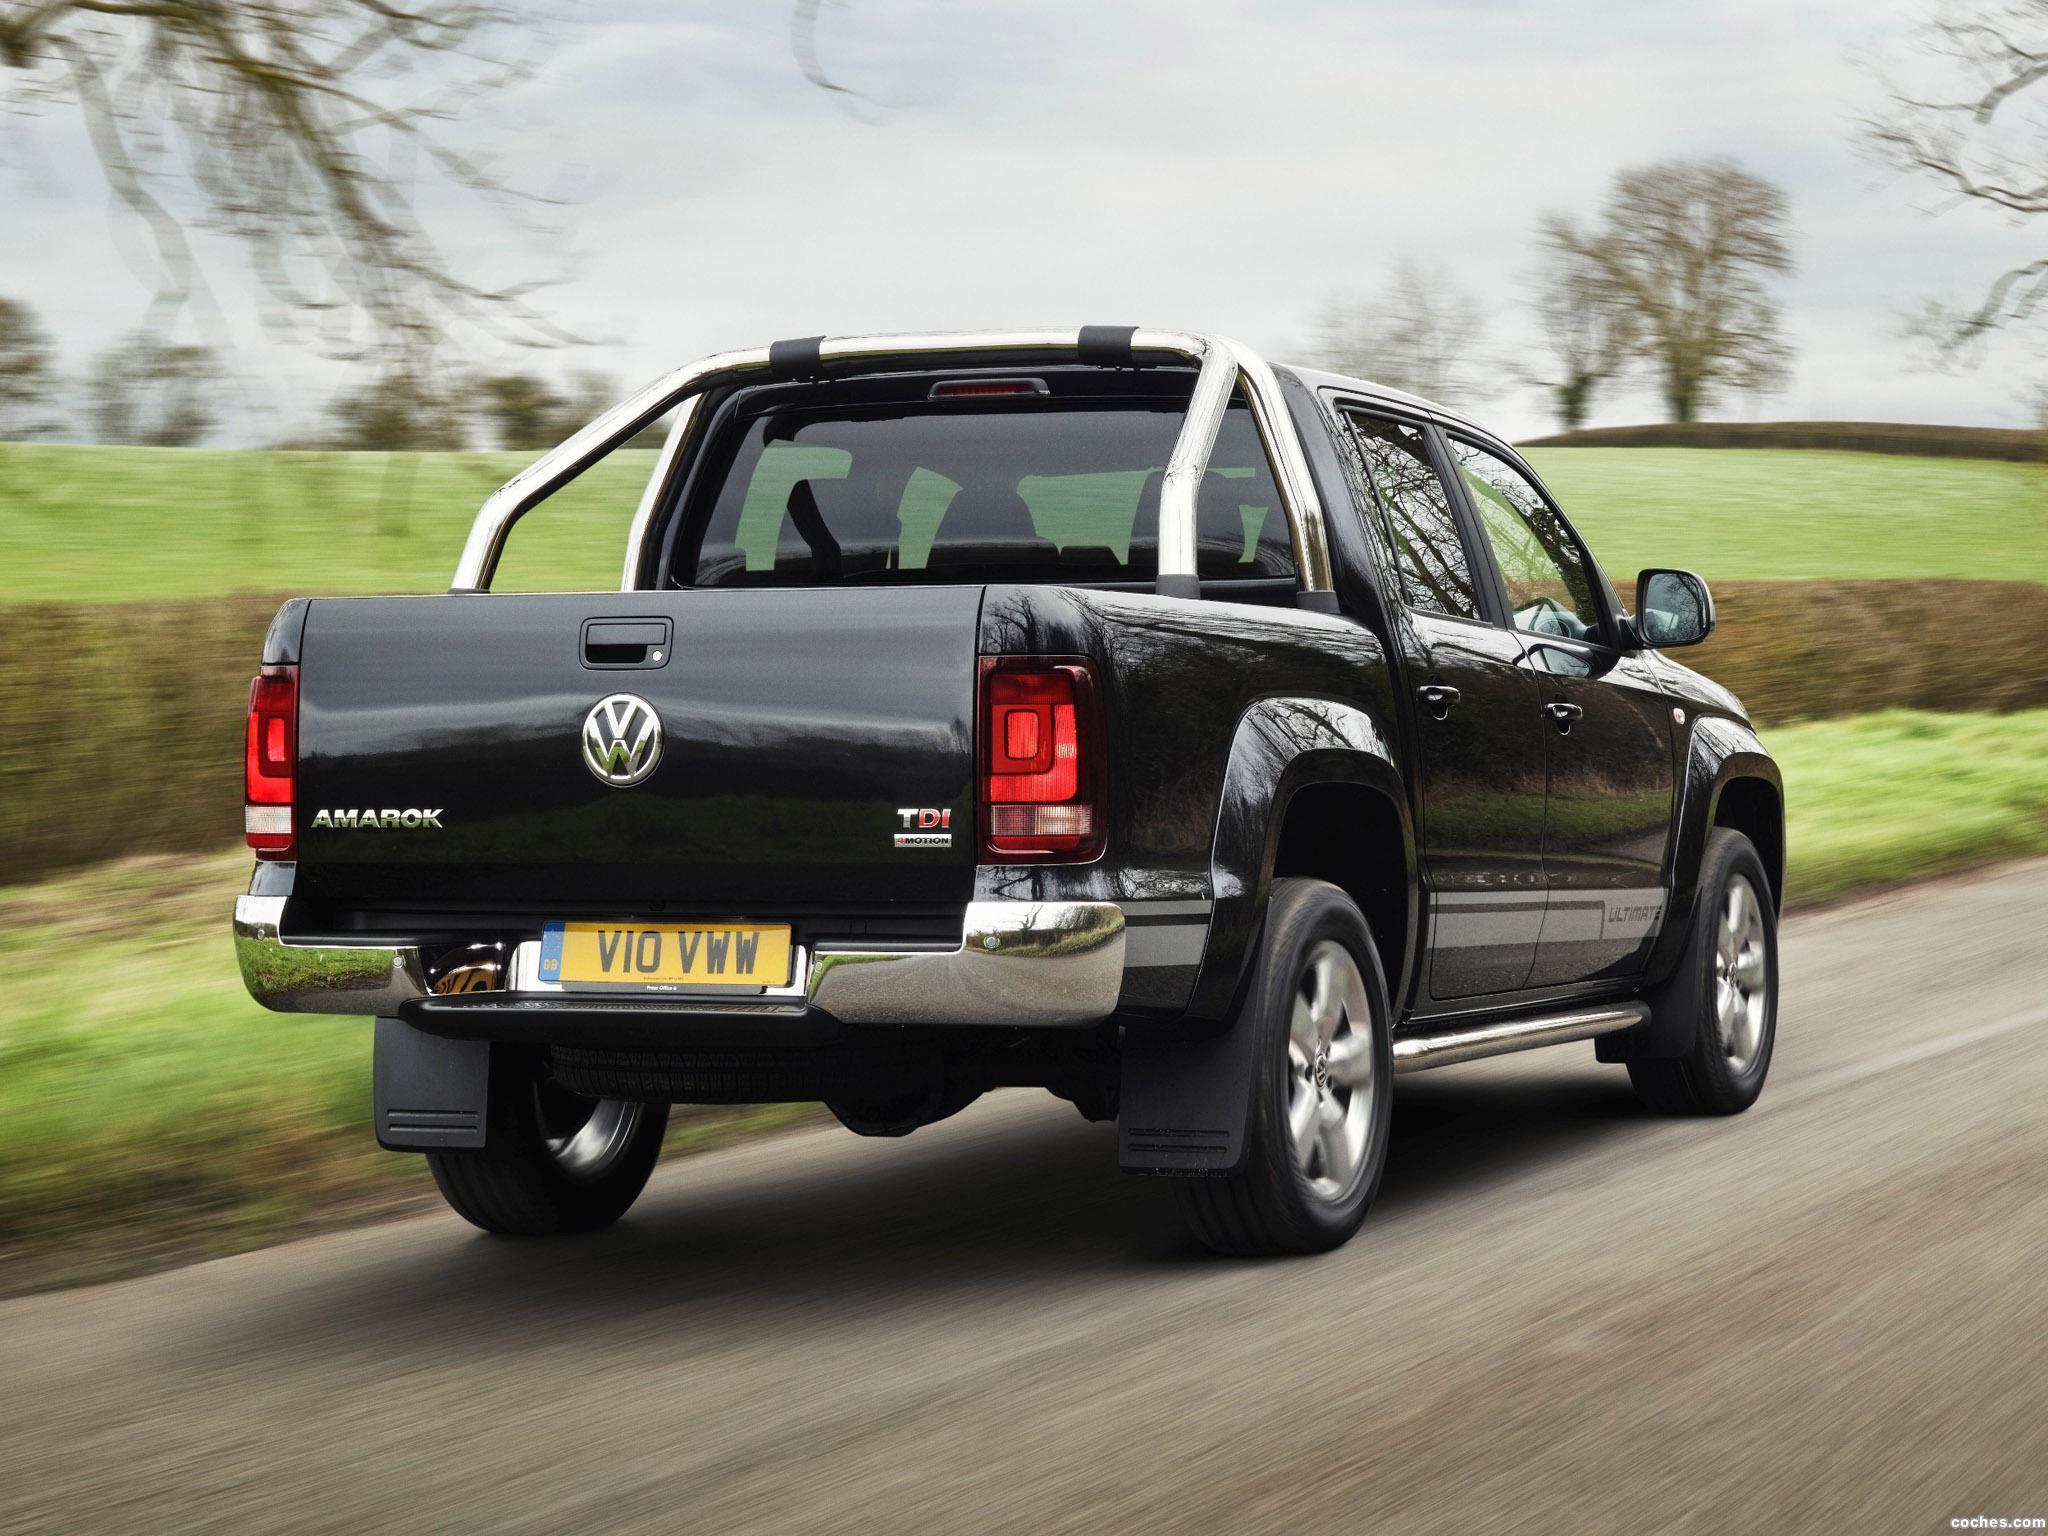 Foto 2 de Volkswagen Amarok Ultimate UK 2015